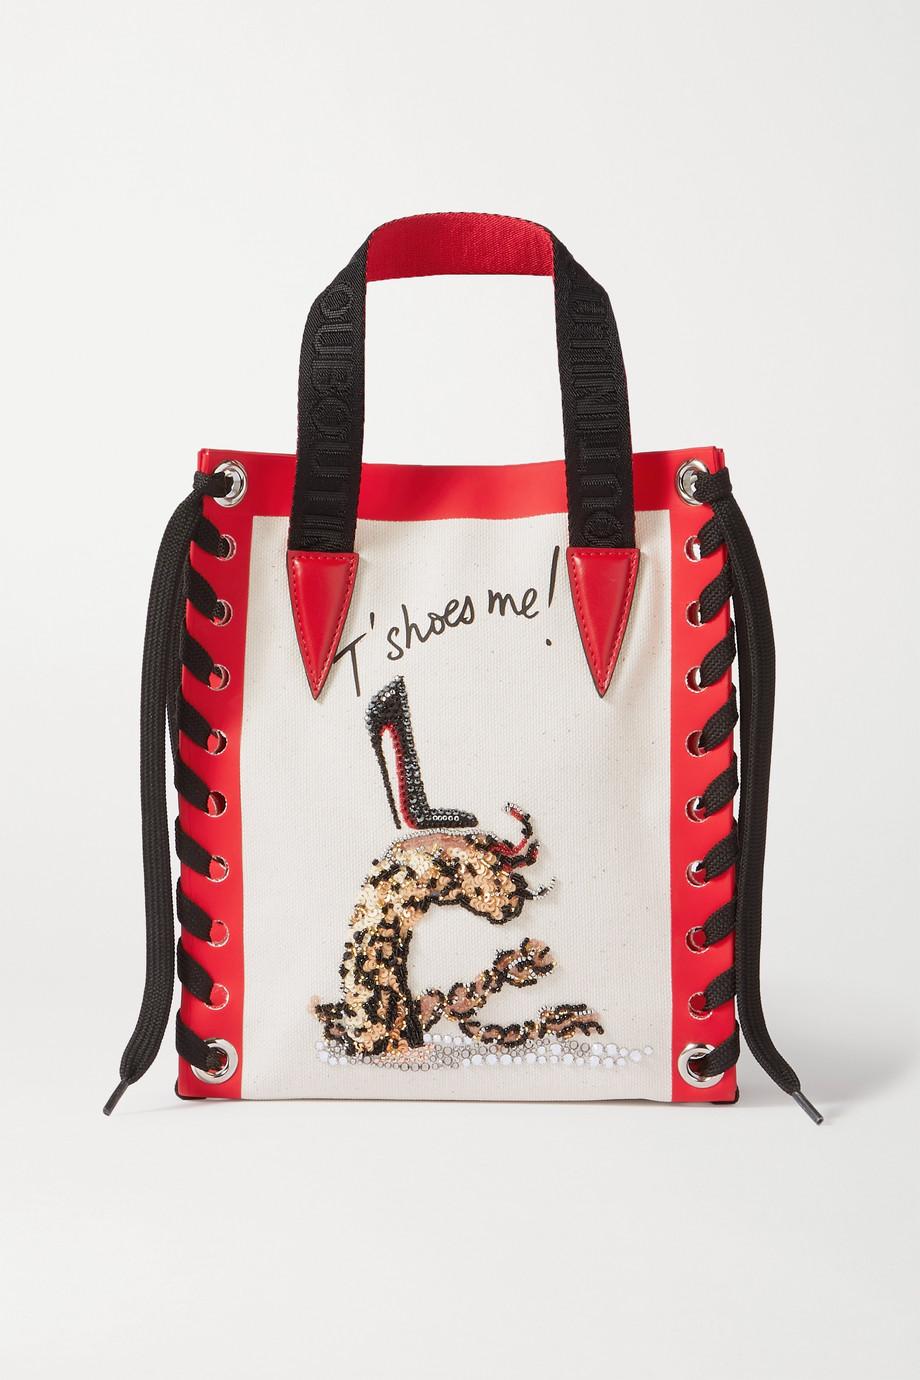 Christian Louboutin Cabalace 绑带式皮革边饰带缀饰印花帆布迷你手提包